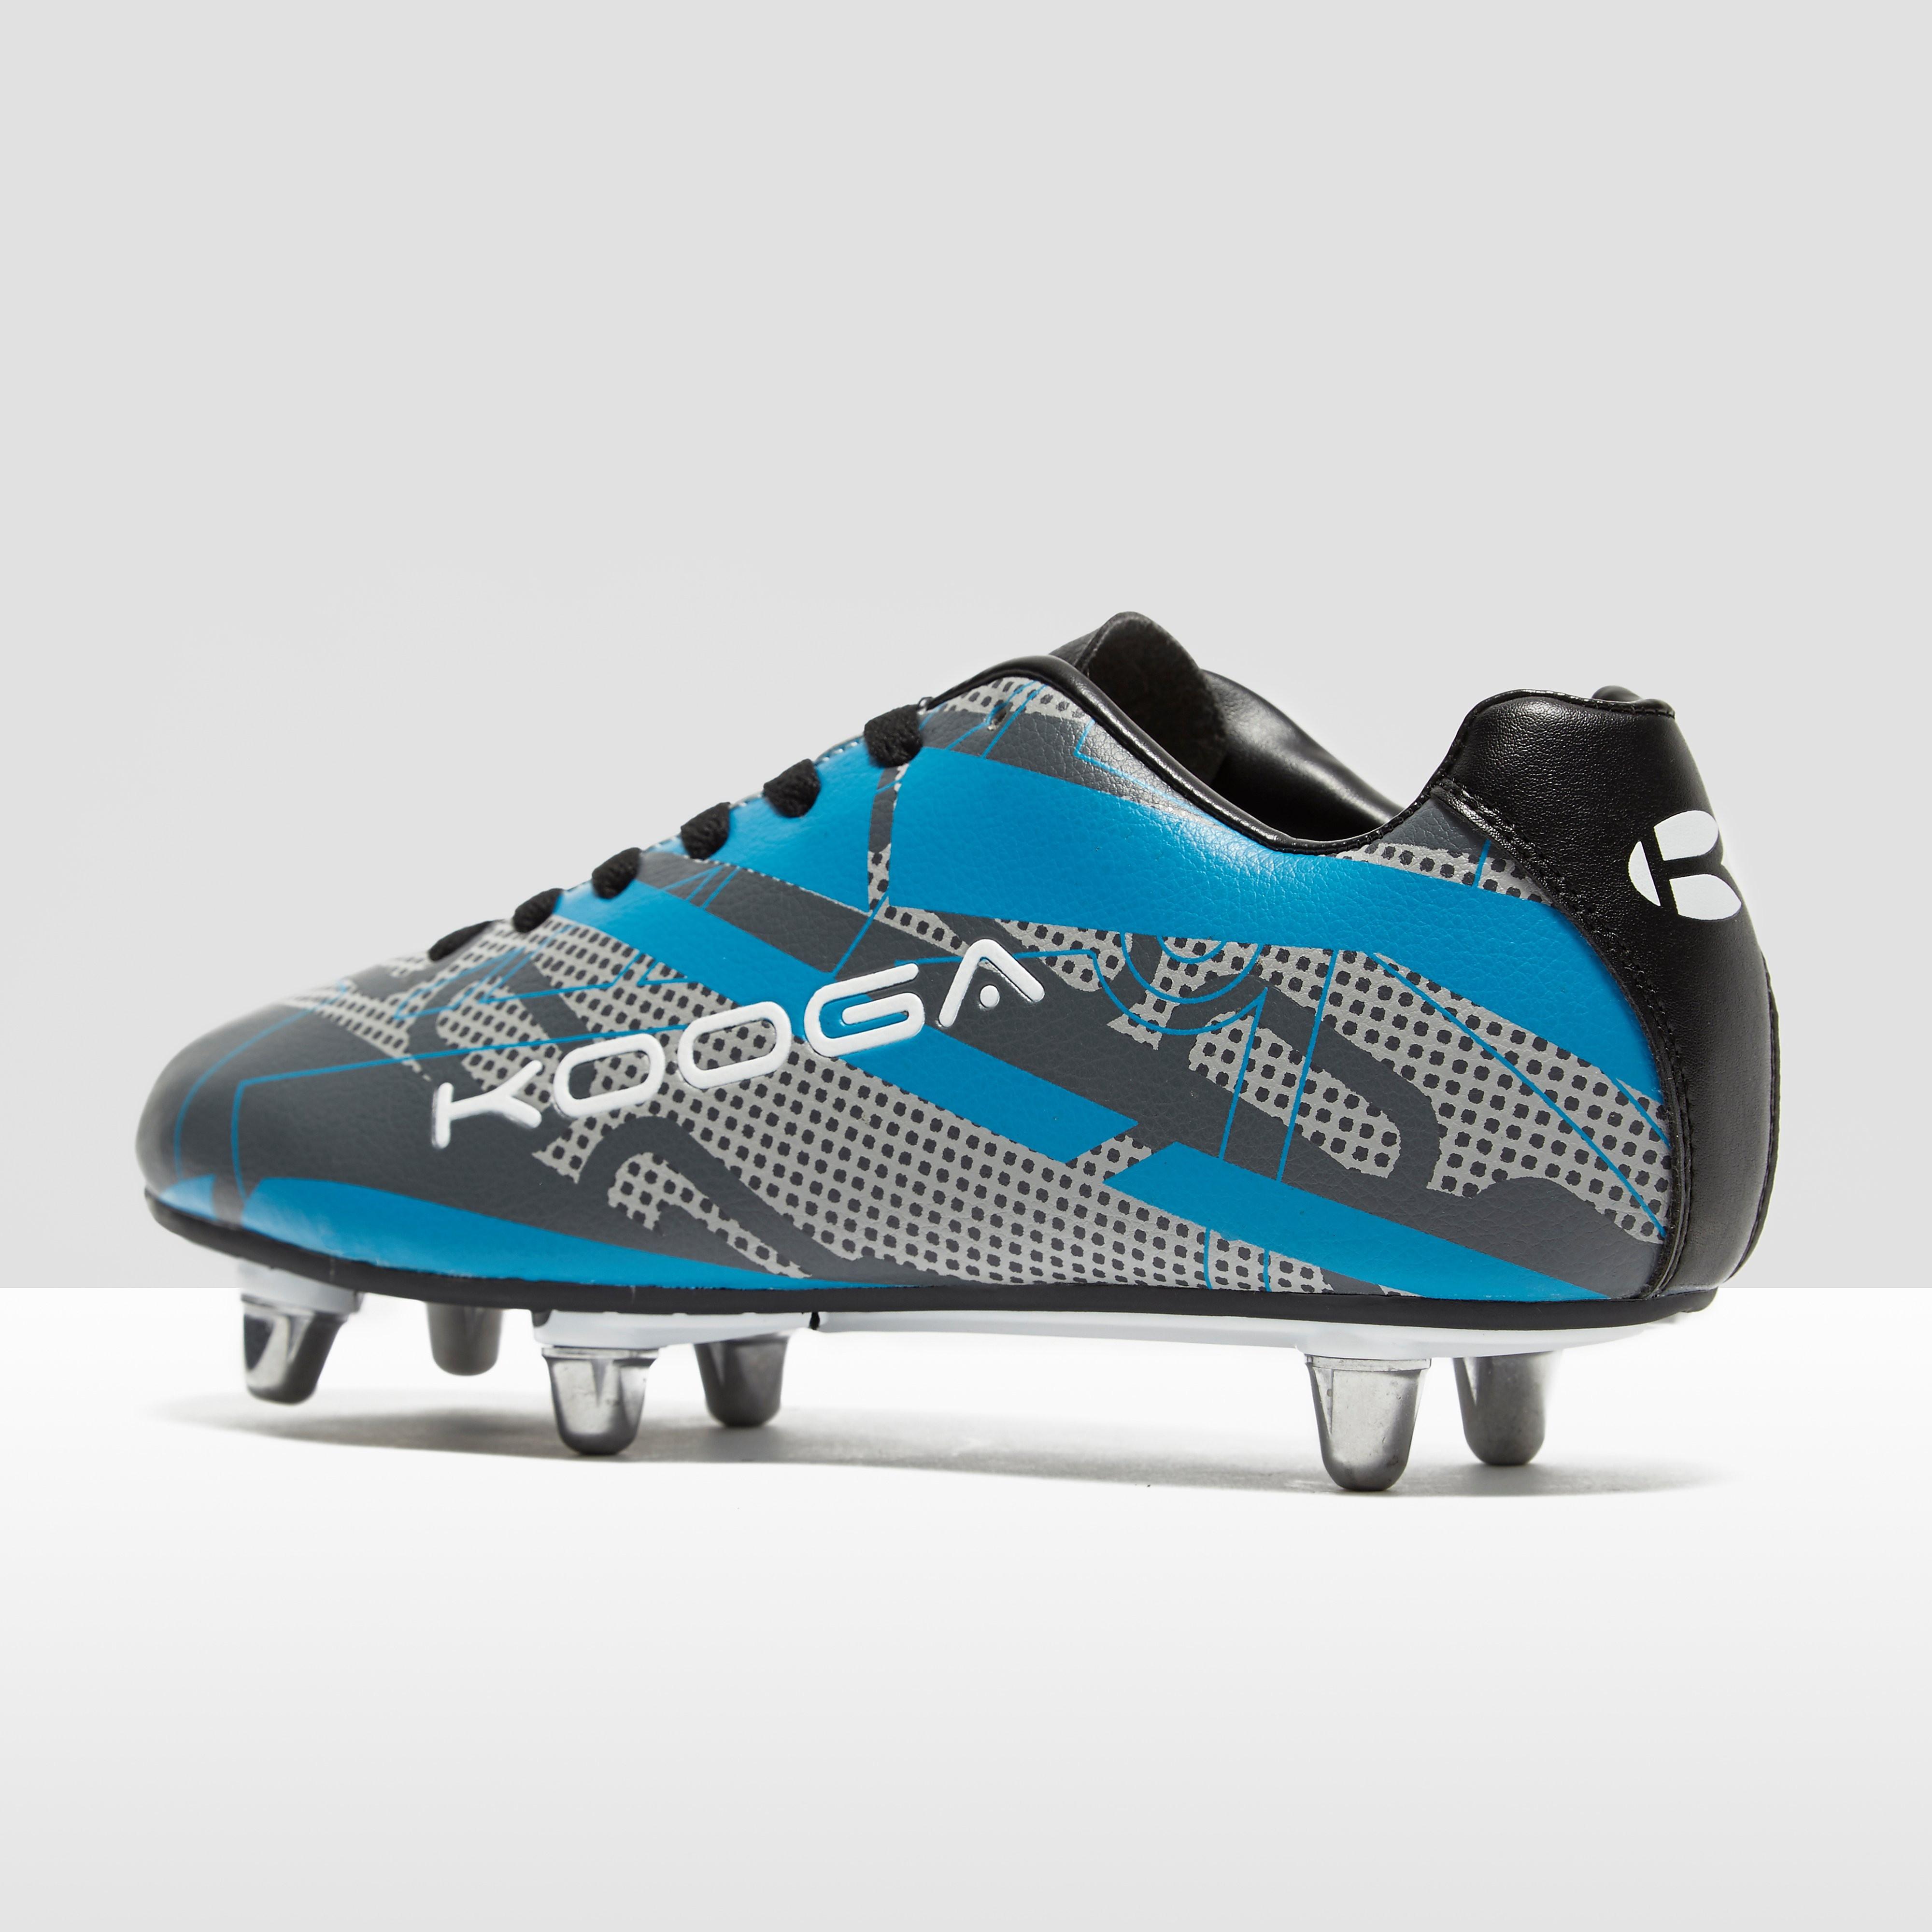 KooGa Evade Junior Rugby Boots